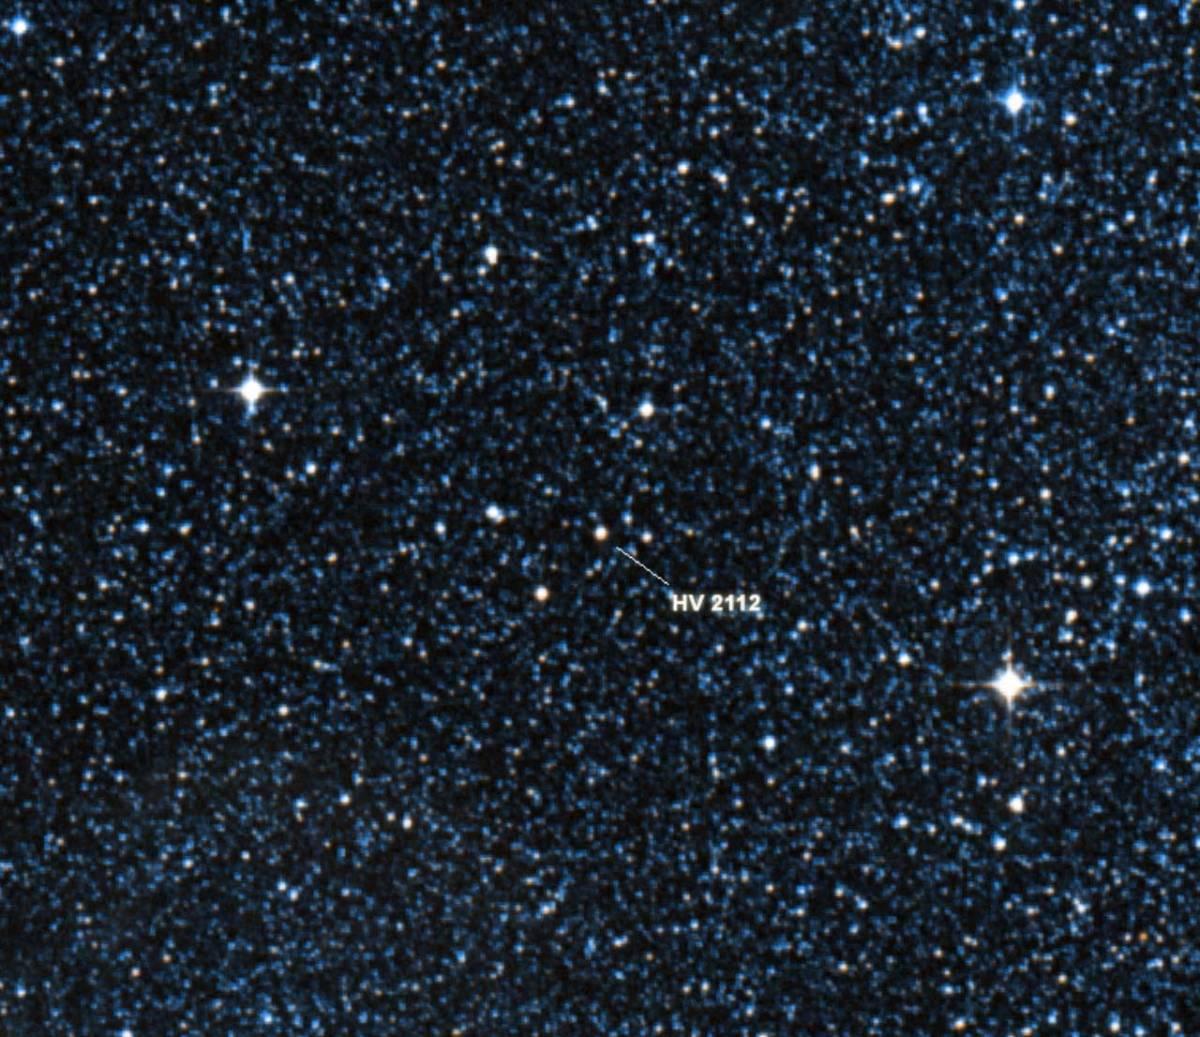 Star HV 2112.  Image credit: Digital Sky Survey / Centre de Données astronomiques de Strasbourg.